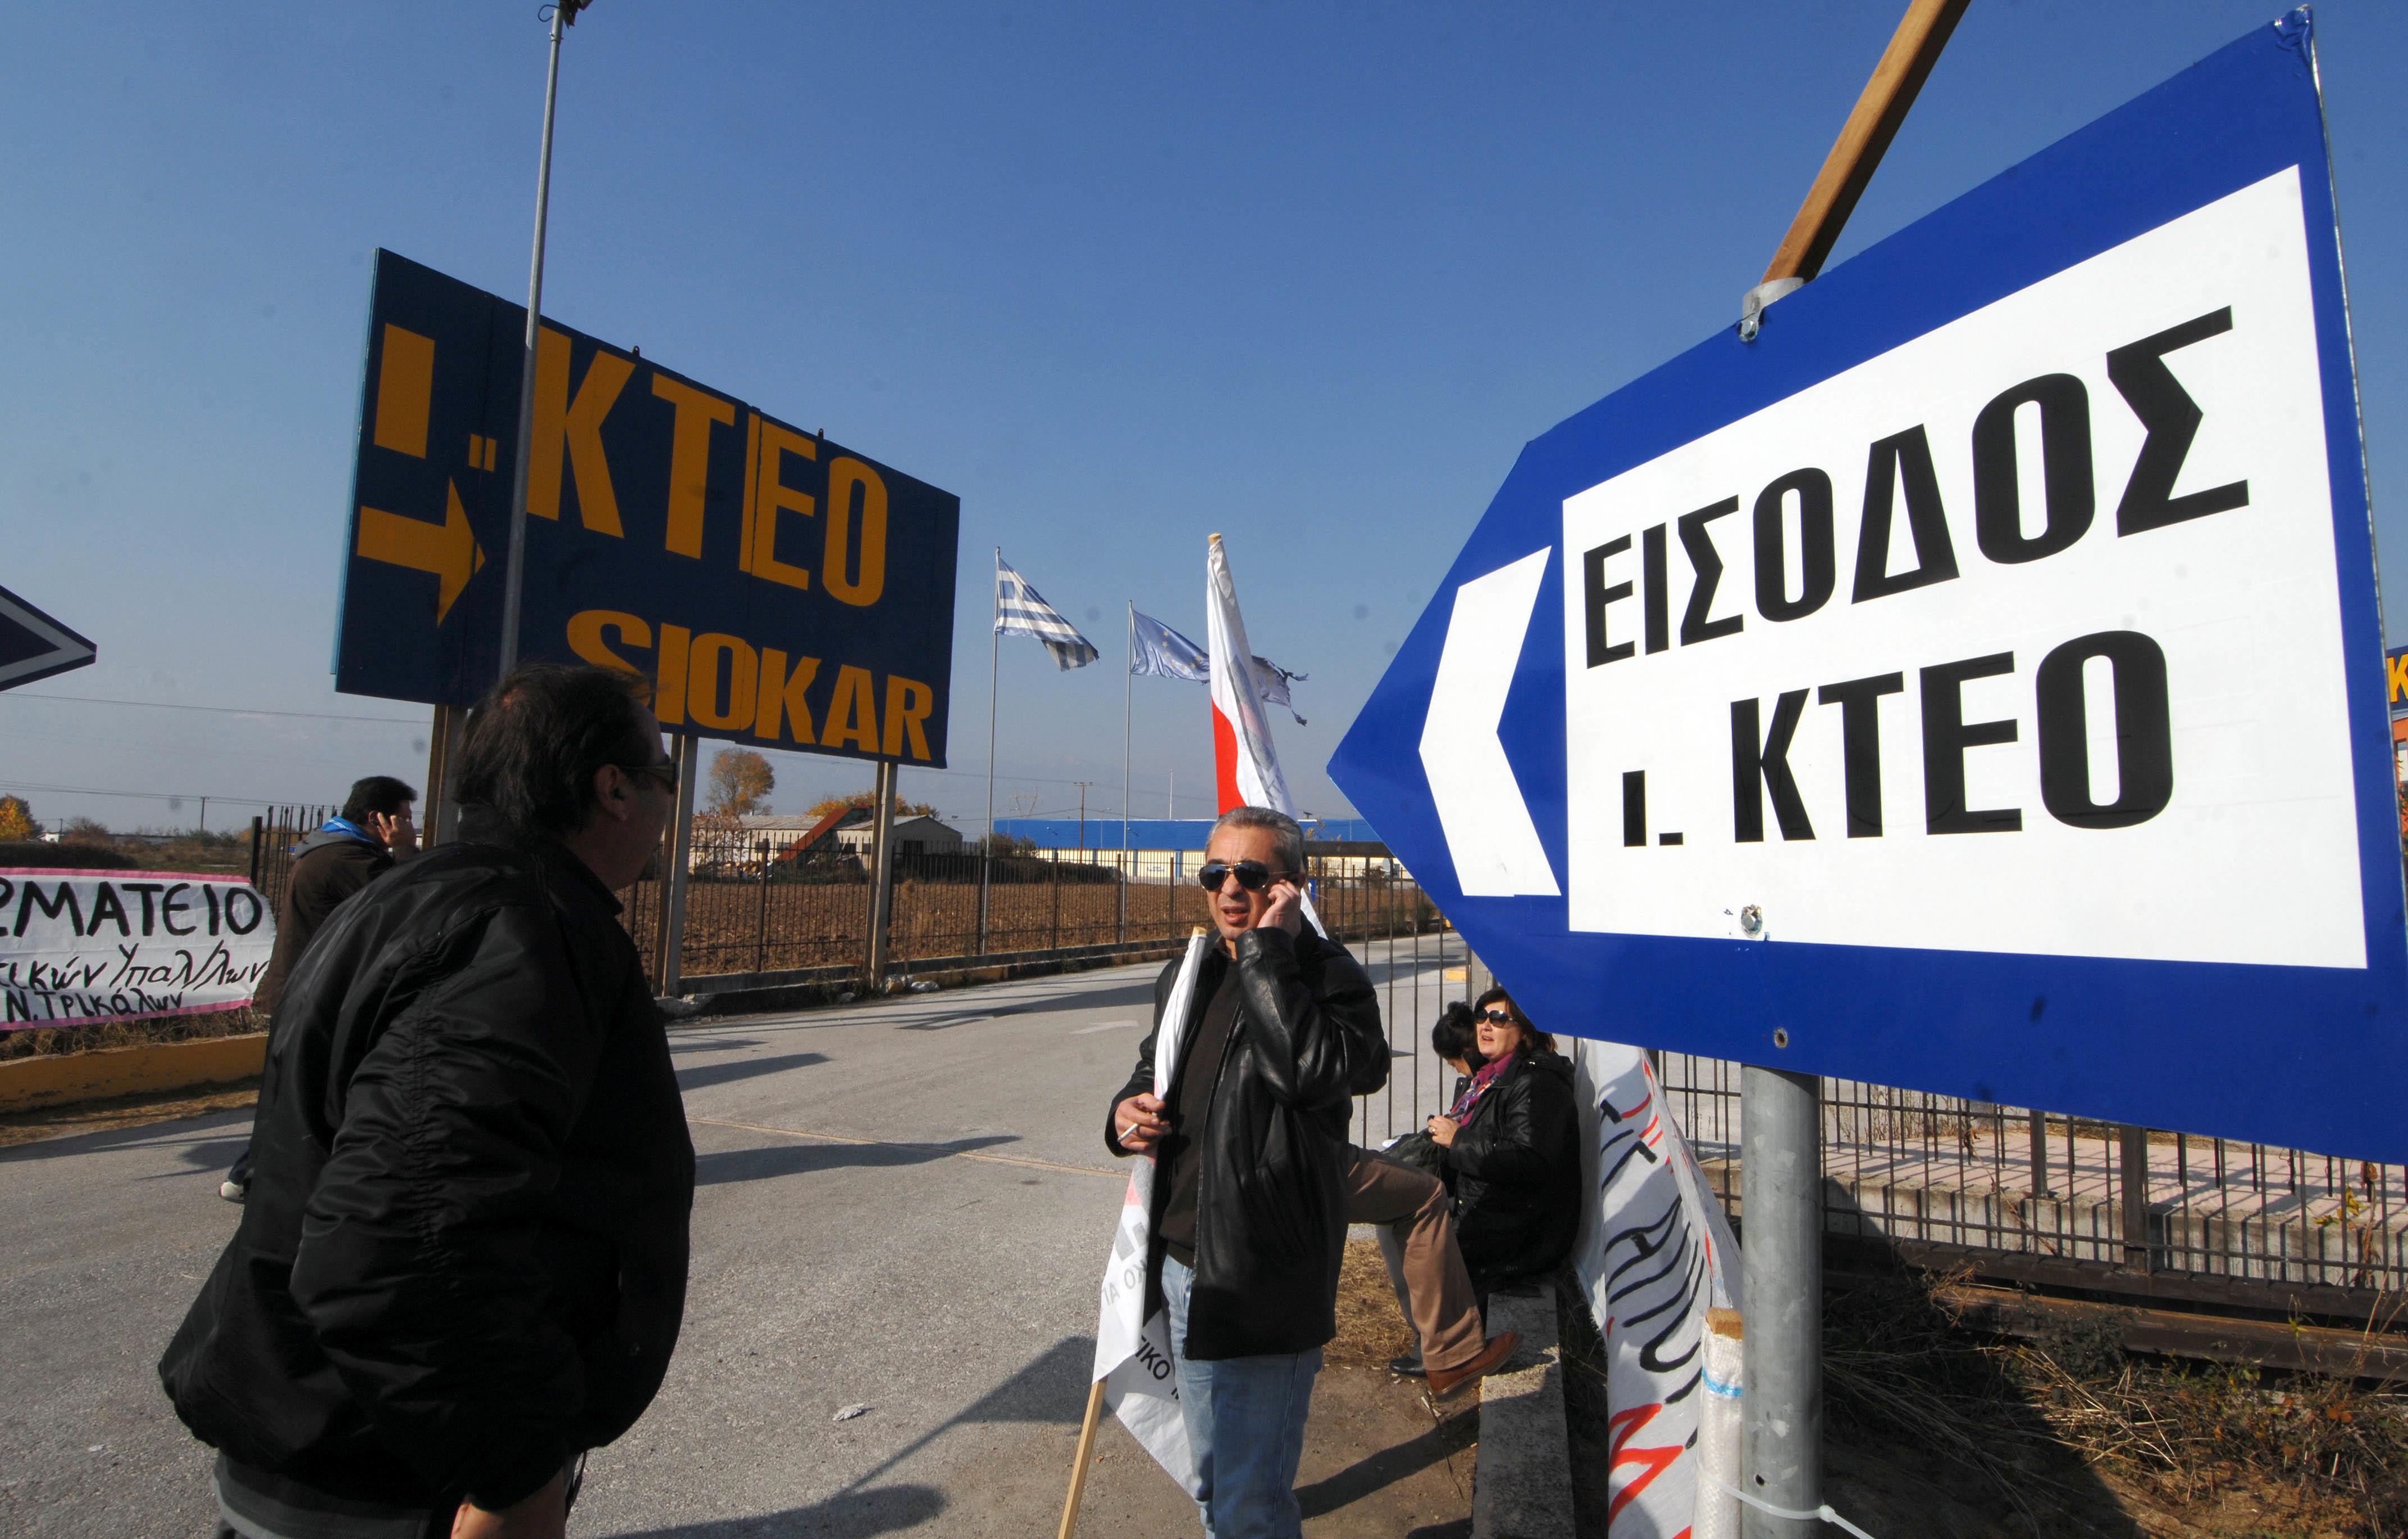 ΚΤΕΟ… ούτε απ' έξω! Πολλοί Έλληνες το αποφεύγουν λόγω του κόστους των προβλημάτων που θα προκύψουν